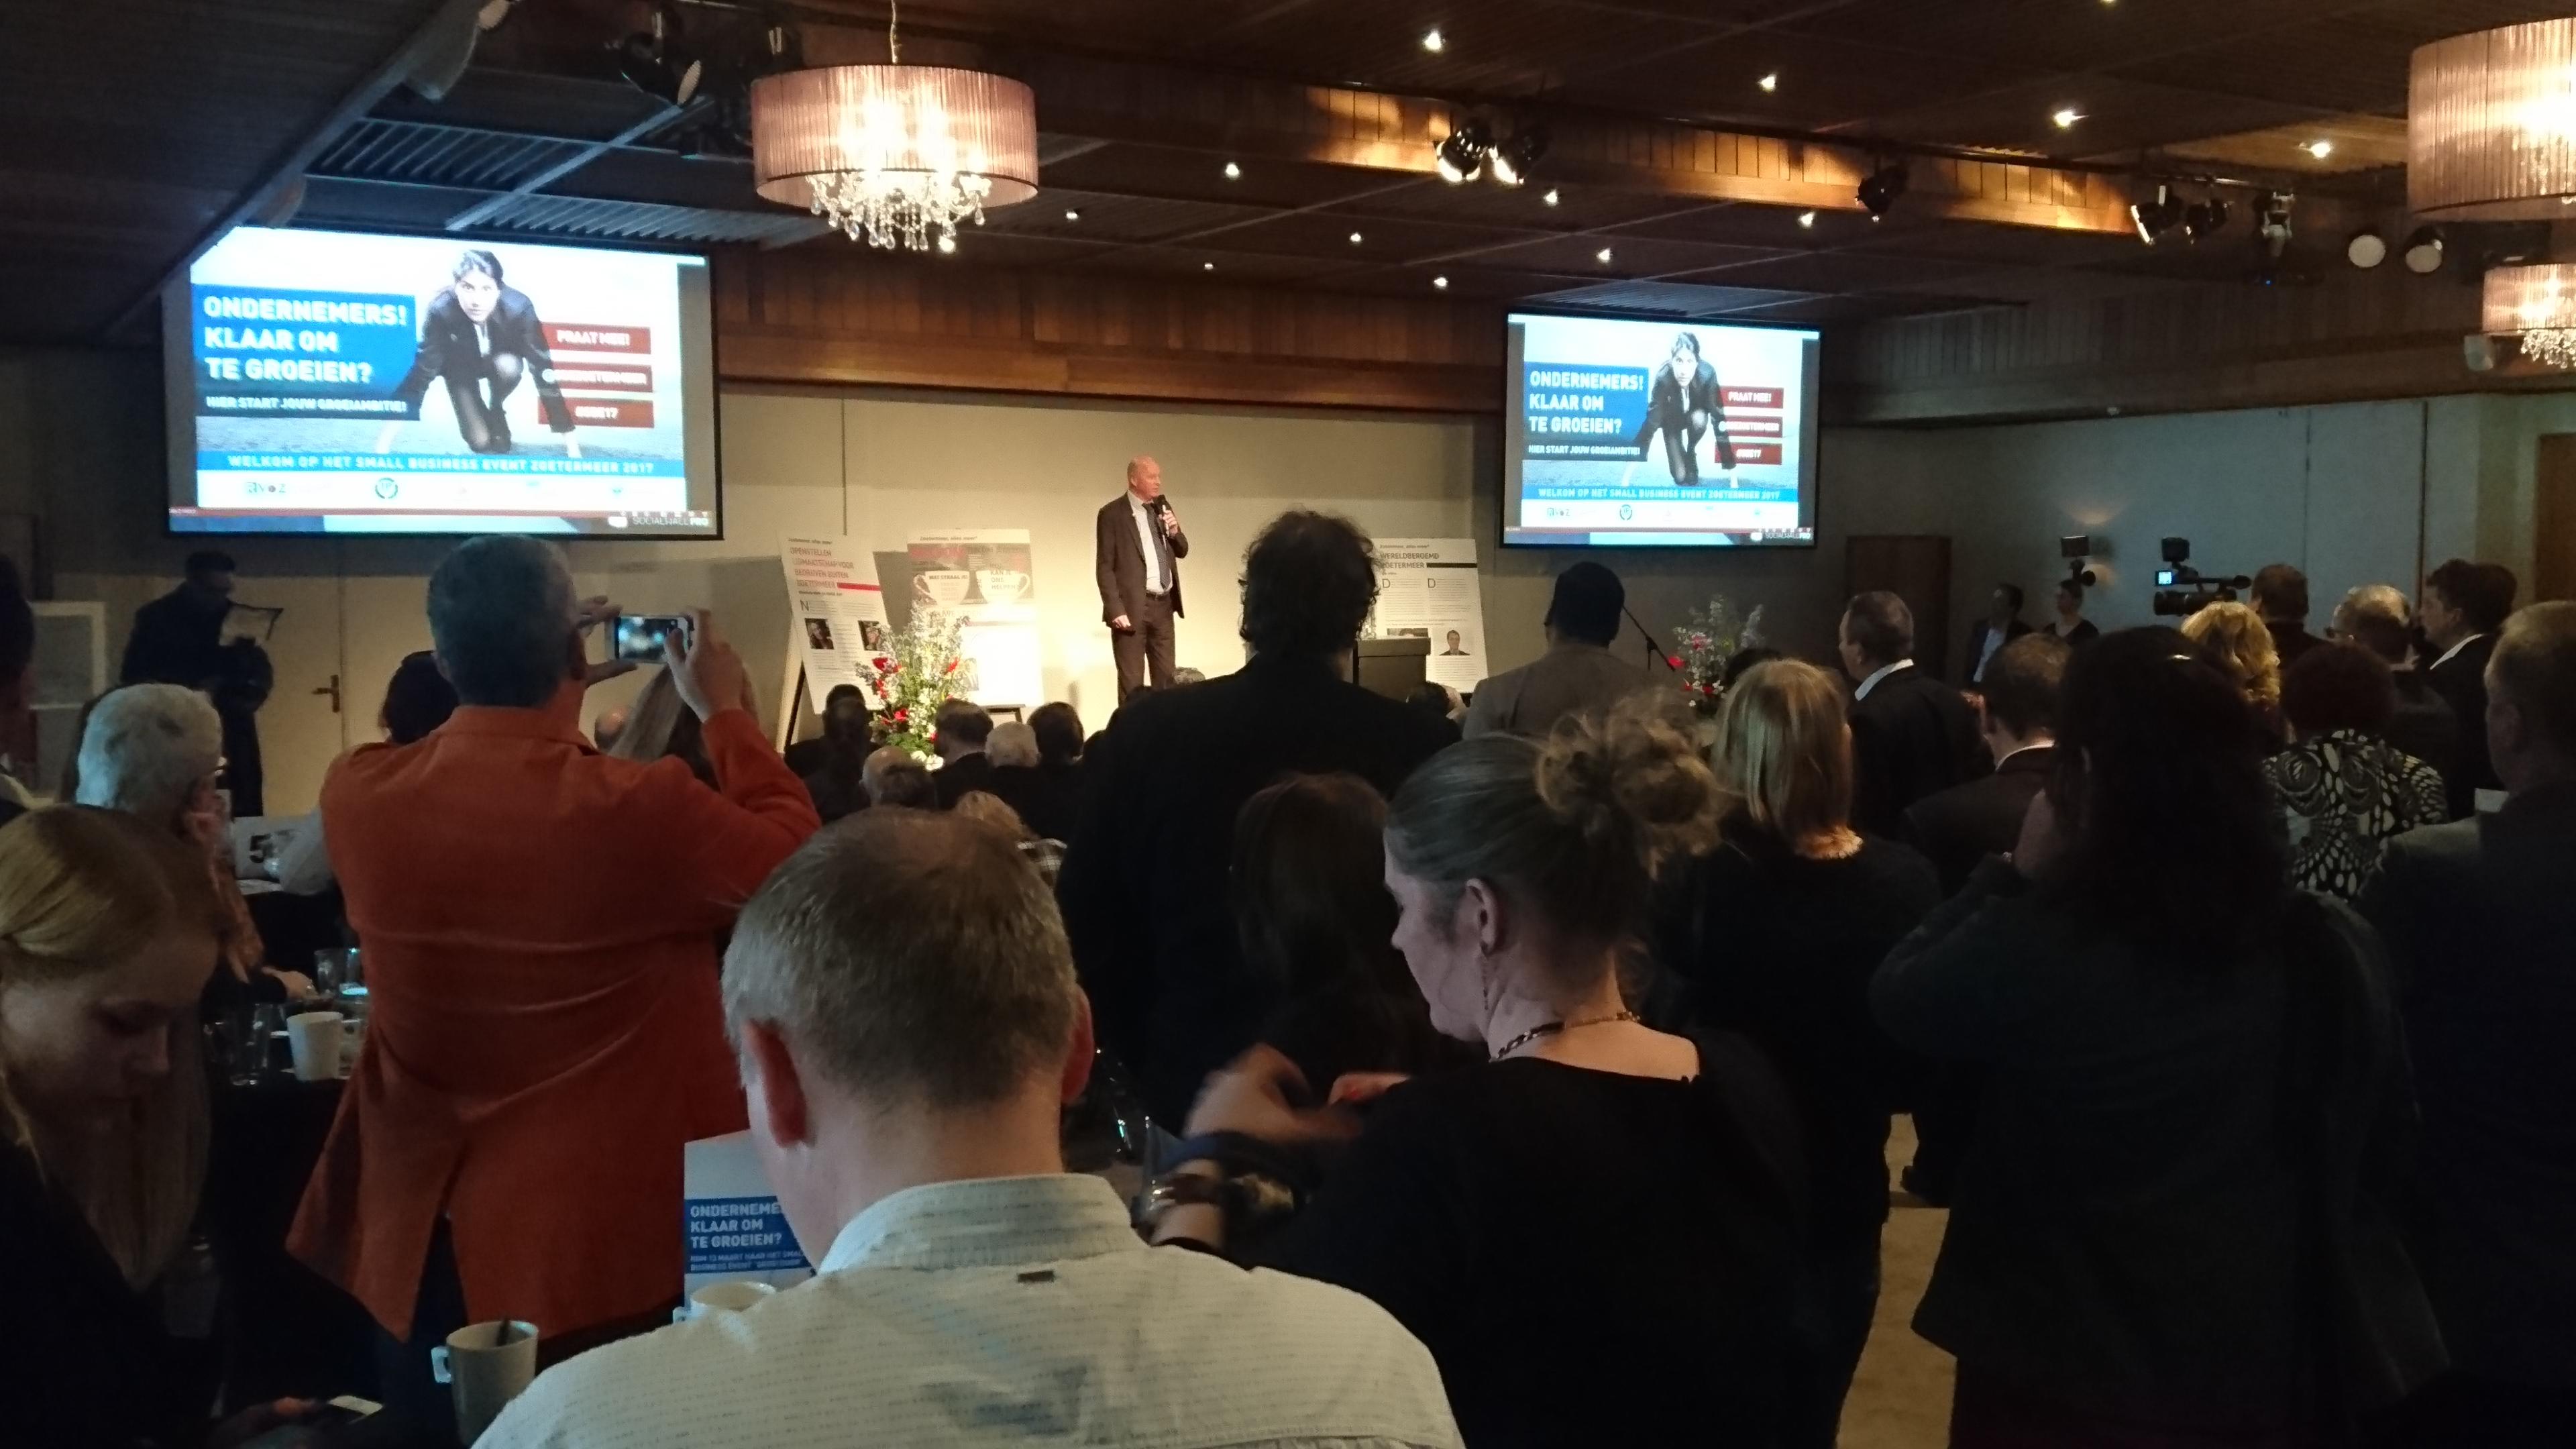 Small Business Event groei door gemeente zoetermeer